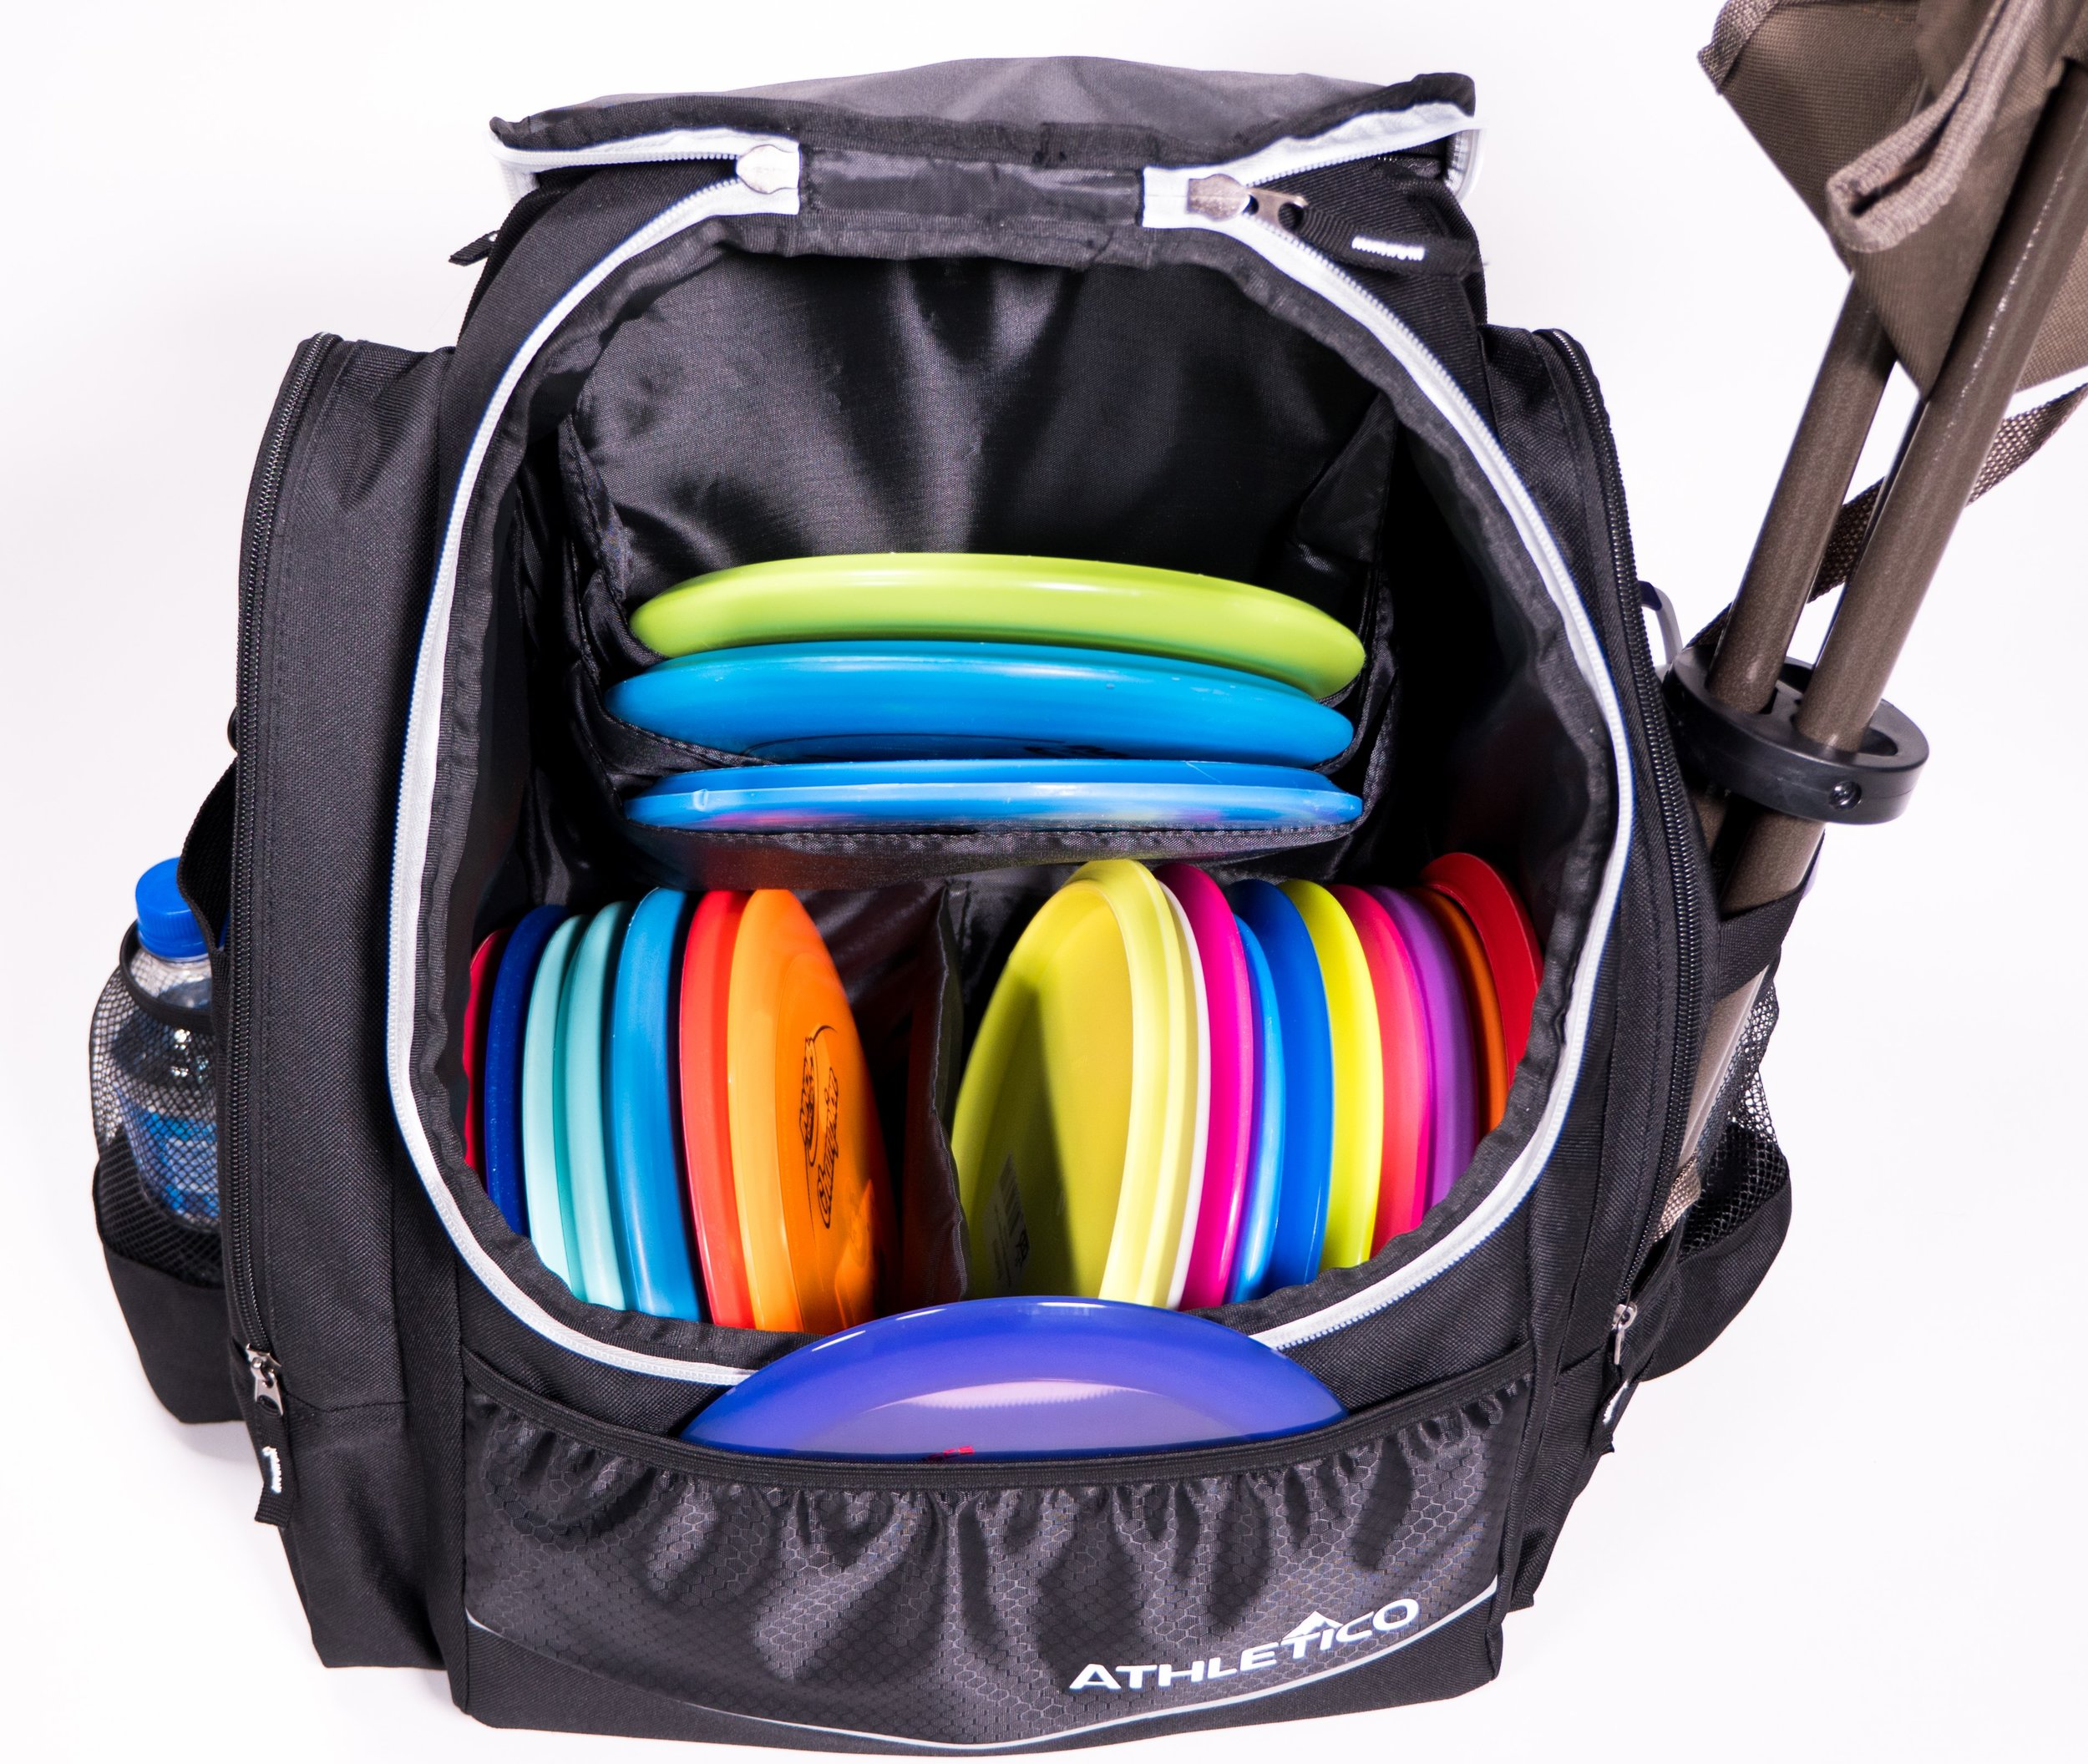 Athletico-Disc-Golf-Bag-7 - Copy.jpg